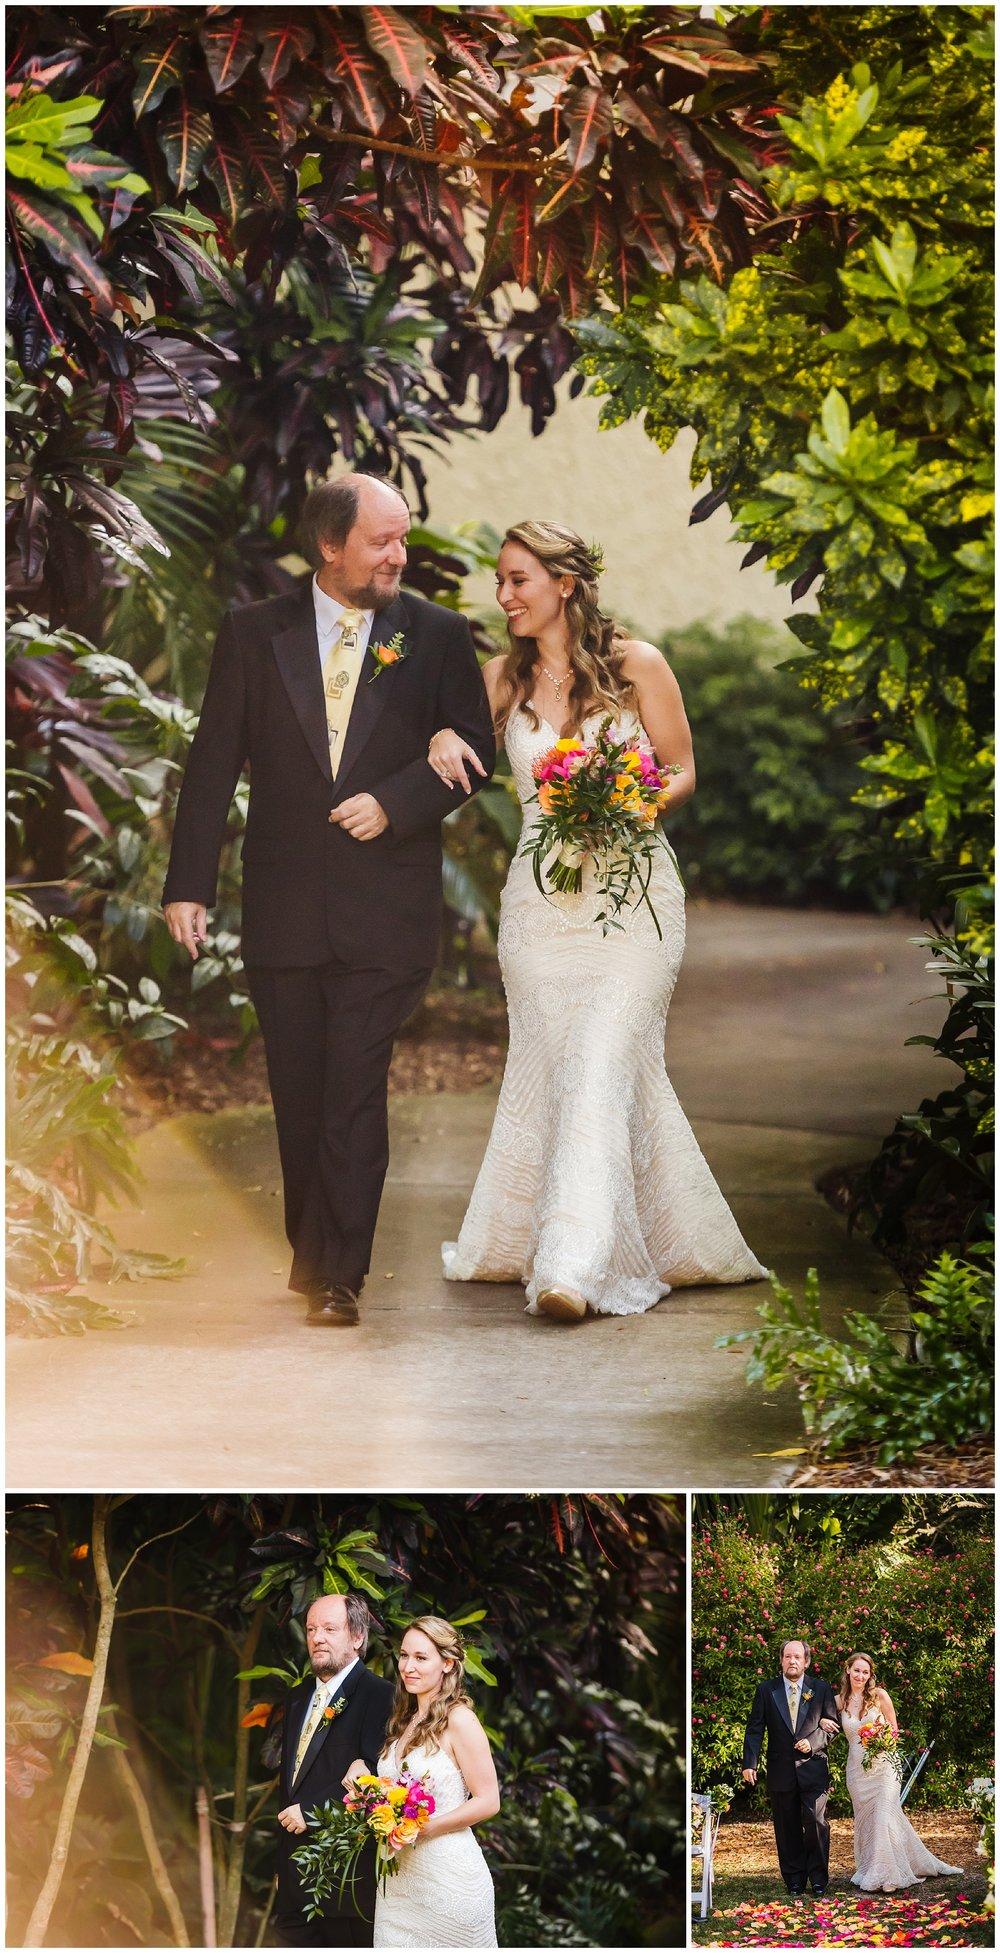 st-pete-wedding-photographer-post-card-inn-sunken-gardens-hawaiian-theme-dueling-pianos_0026.jpg